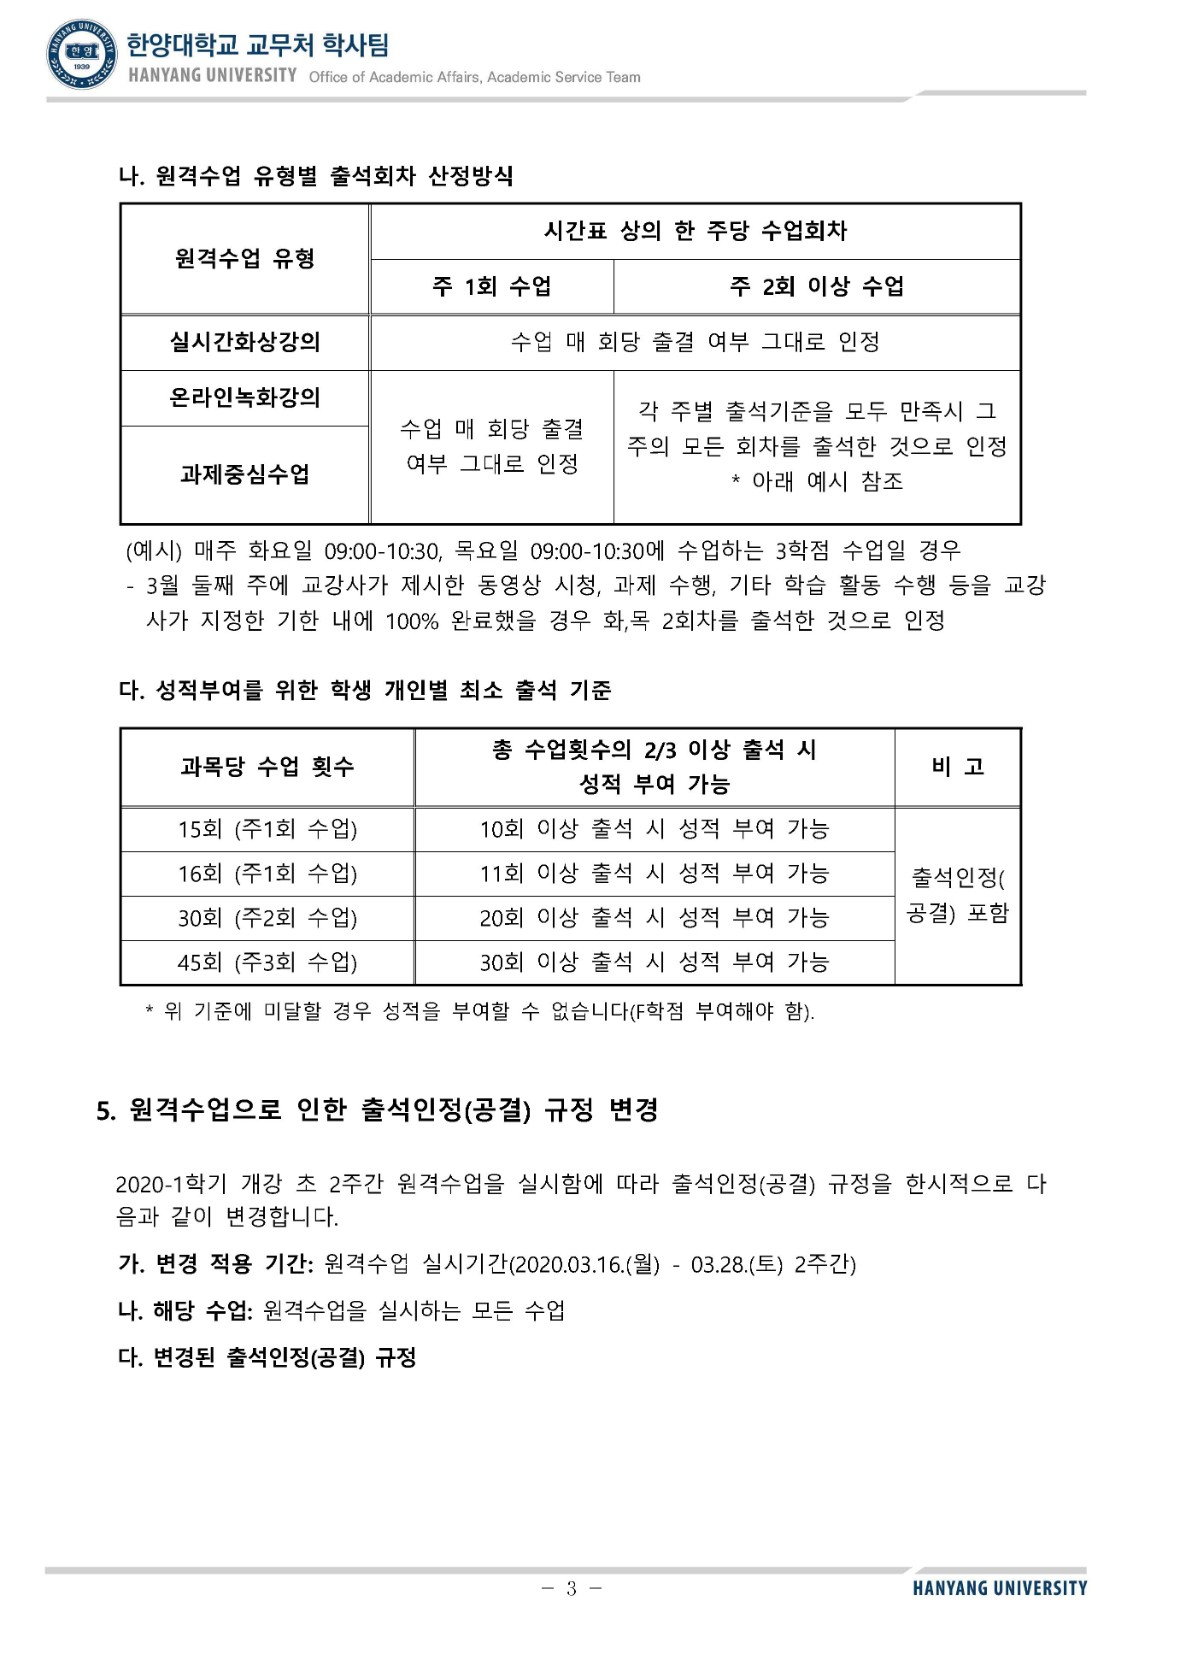 2020_1학기_원격수업안내_학생용(ERICA) (1)_페이지_3.jpg